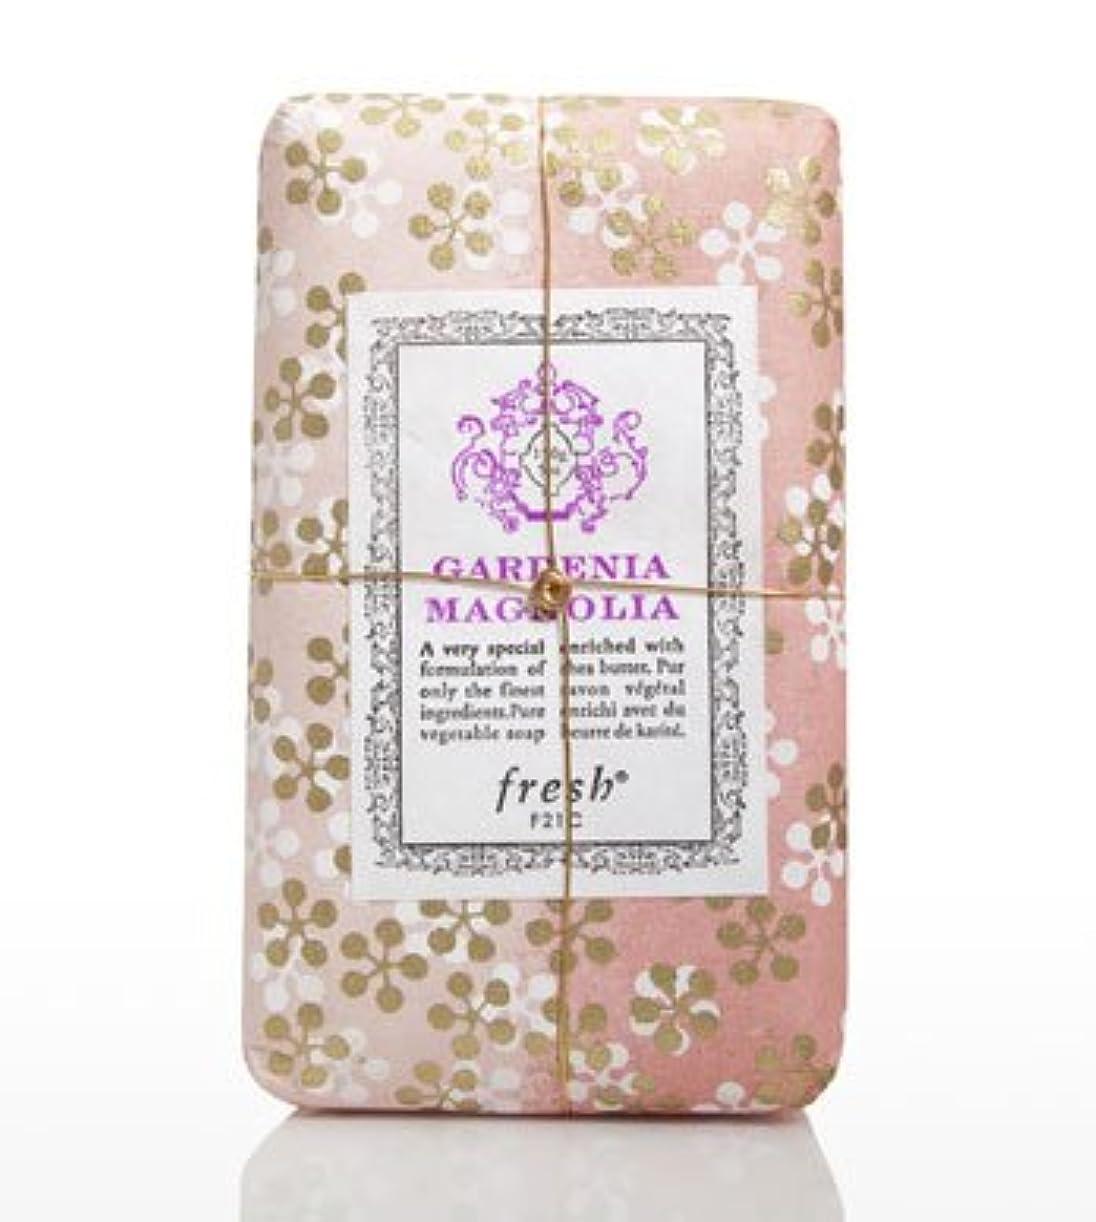 列挙する覚醒役割Fresh GARDENIA MAGNOLIA SOAP(フレッシュ ガーデナマグノリア ソープ) 5.0 oz (150gl) 石鹸 by Fresh